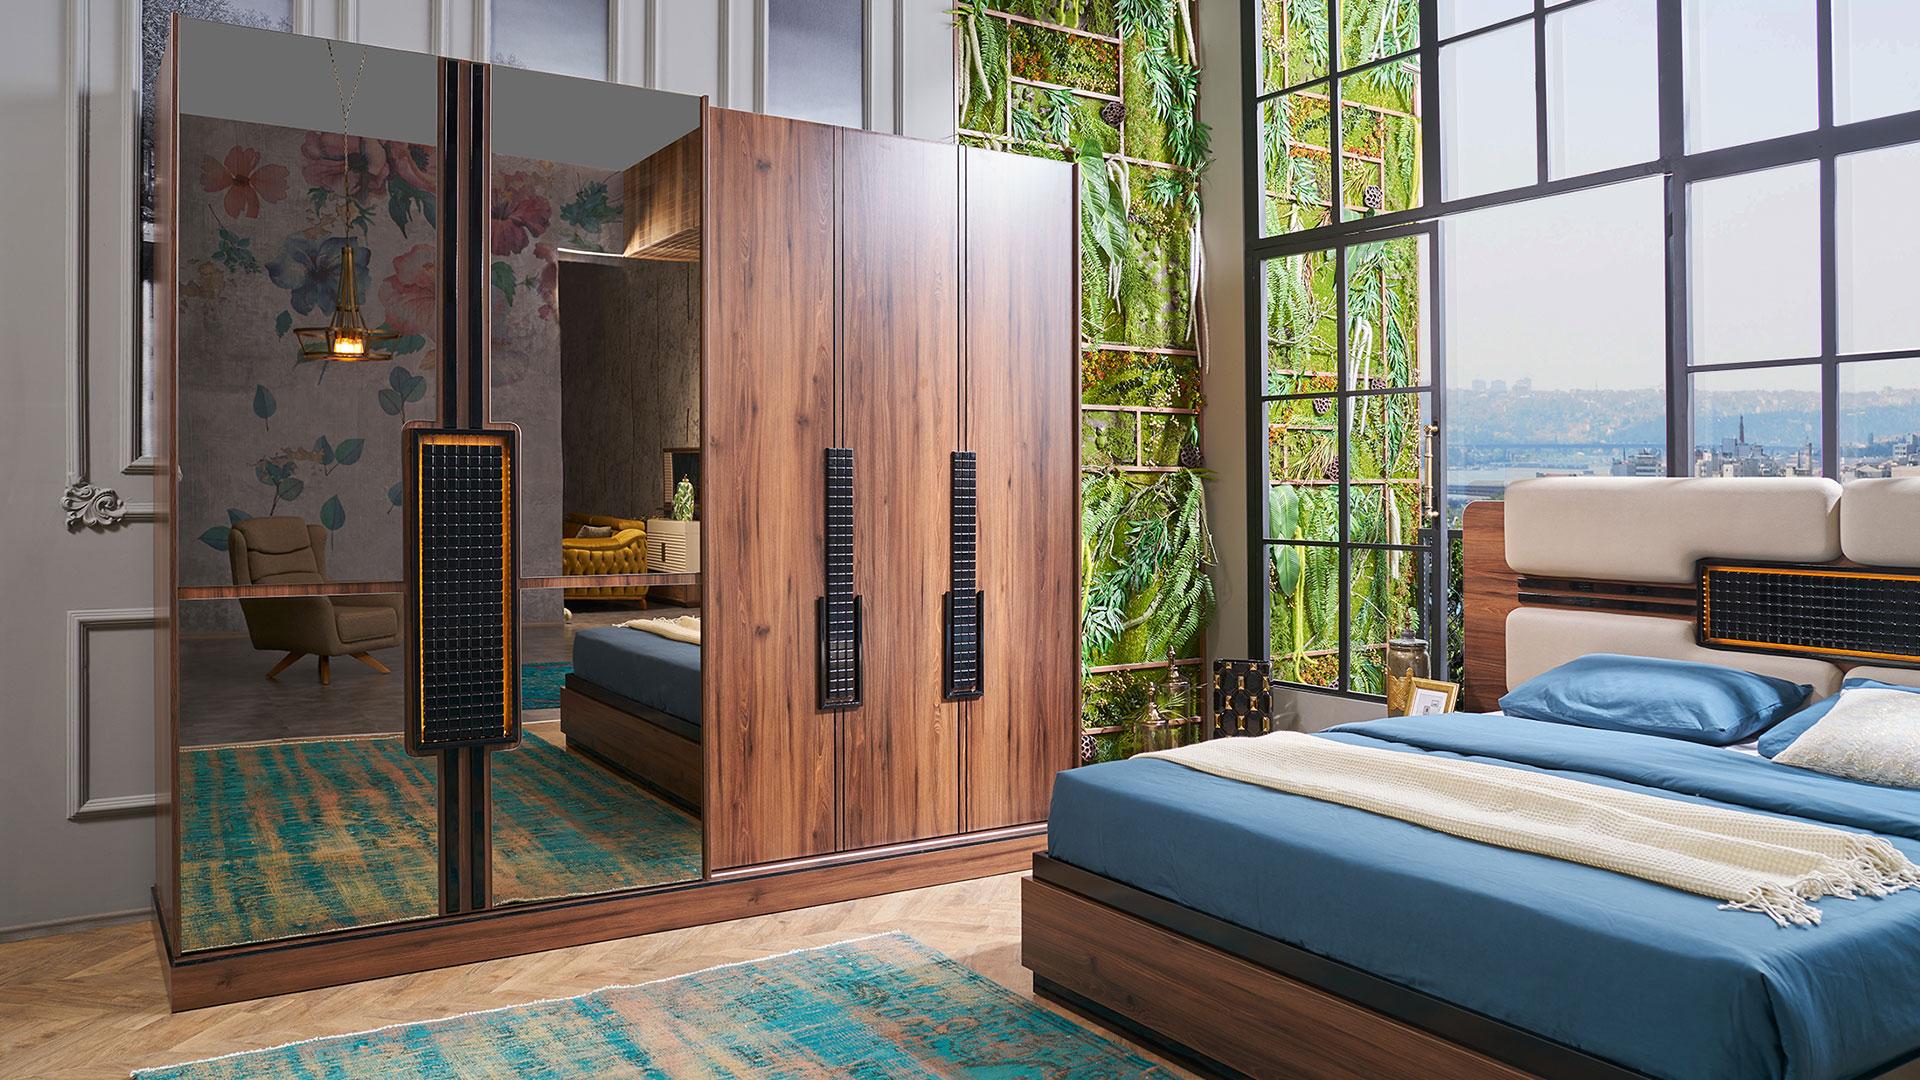 غرفة نوم مودرن باللون الازرق والبني و سرير و دولاب